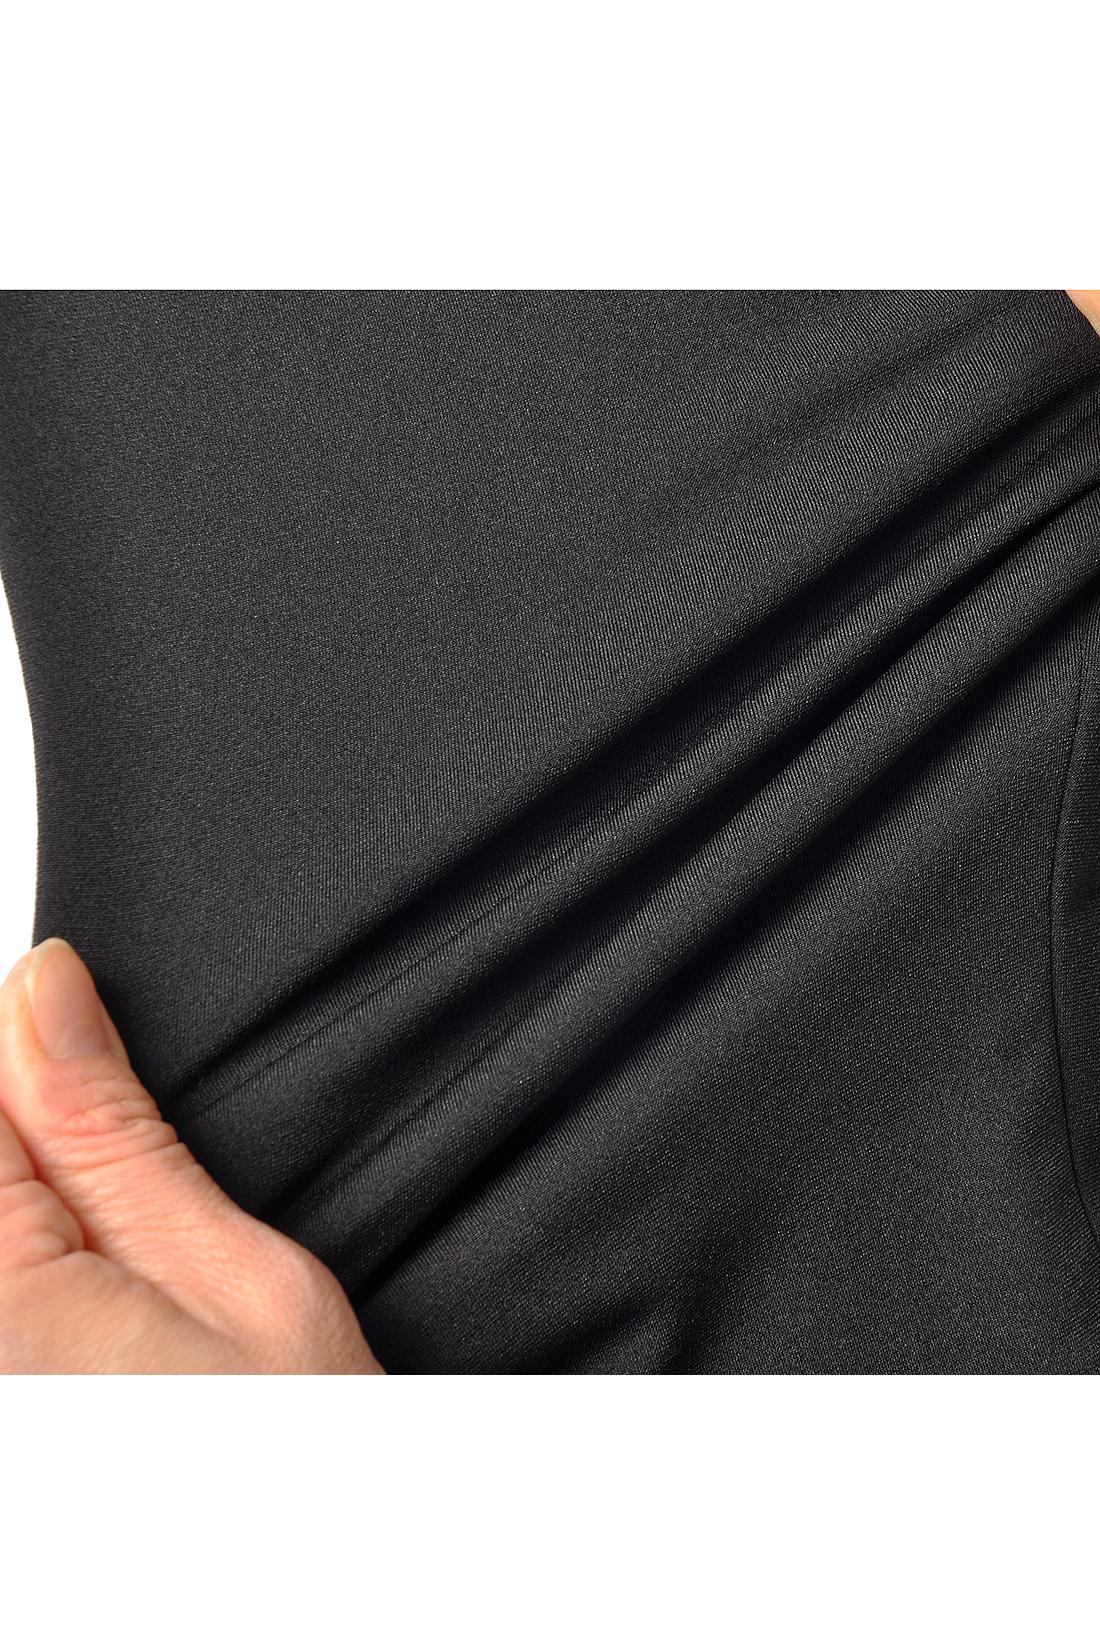 縦横斜め、360°に伸びるポリウレタン弾性繊維「ROICA®」を使用。ゴムのように伸びつつもゴムの数倍の引っぱり強度と伸縮性を持ち、ゴムより軽いのが特長です。